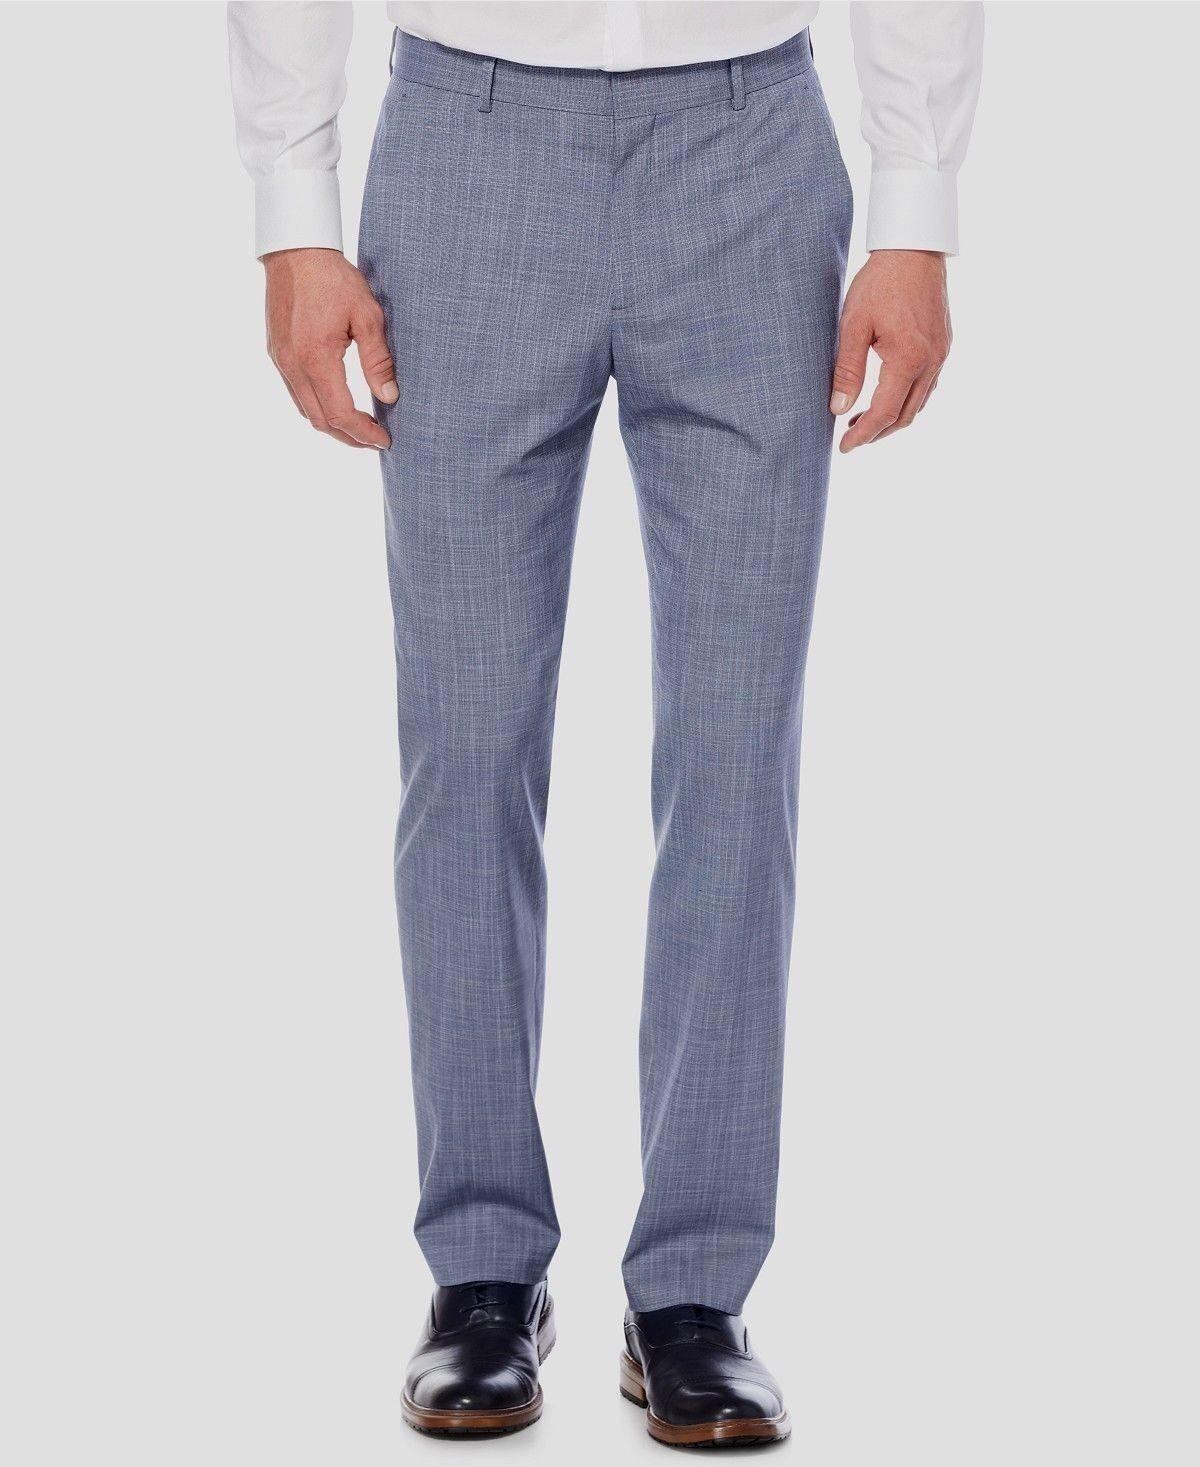 PERRY ELLIS PORTFOLIO MEN blueE FLAT FRONT SLIM FIT DRESS PANTS 32 W 32 L